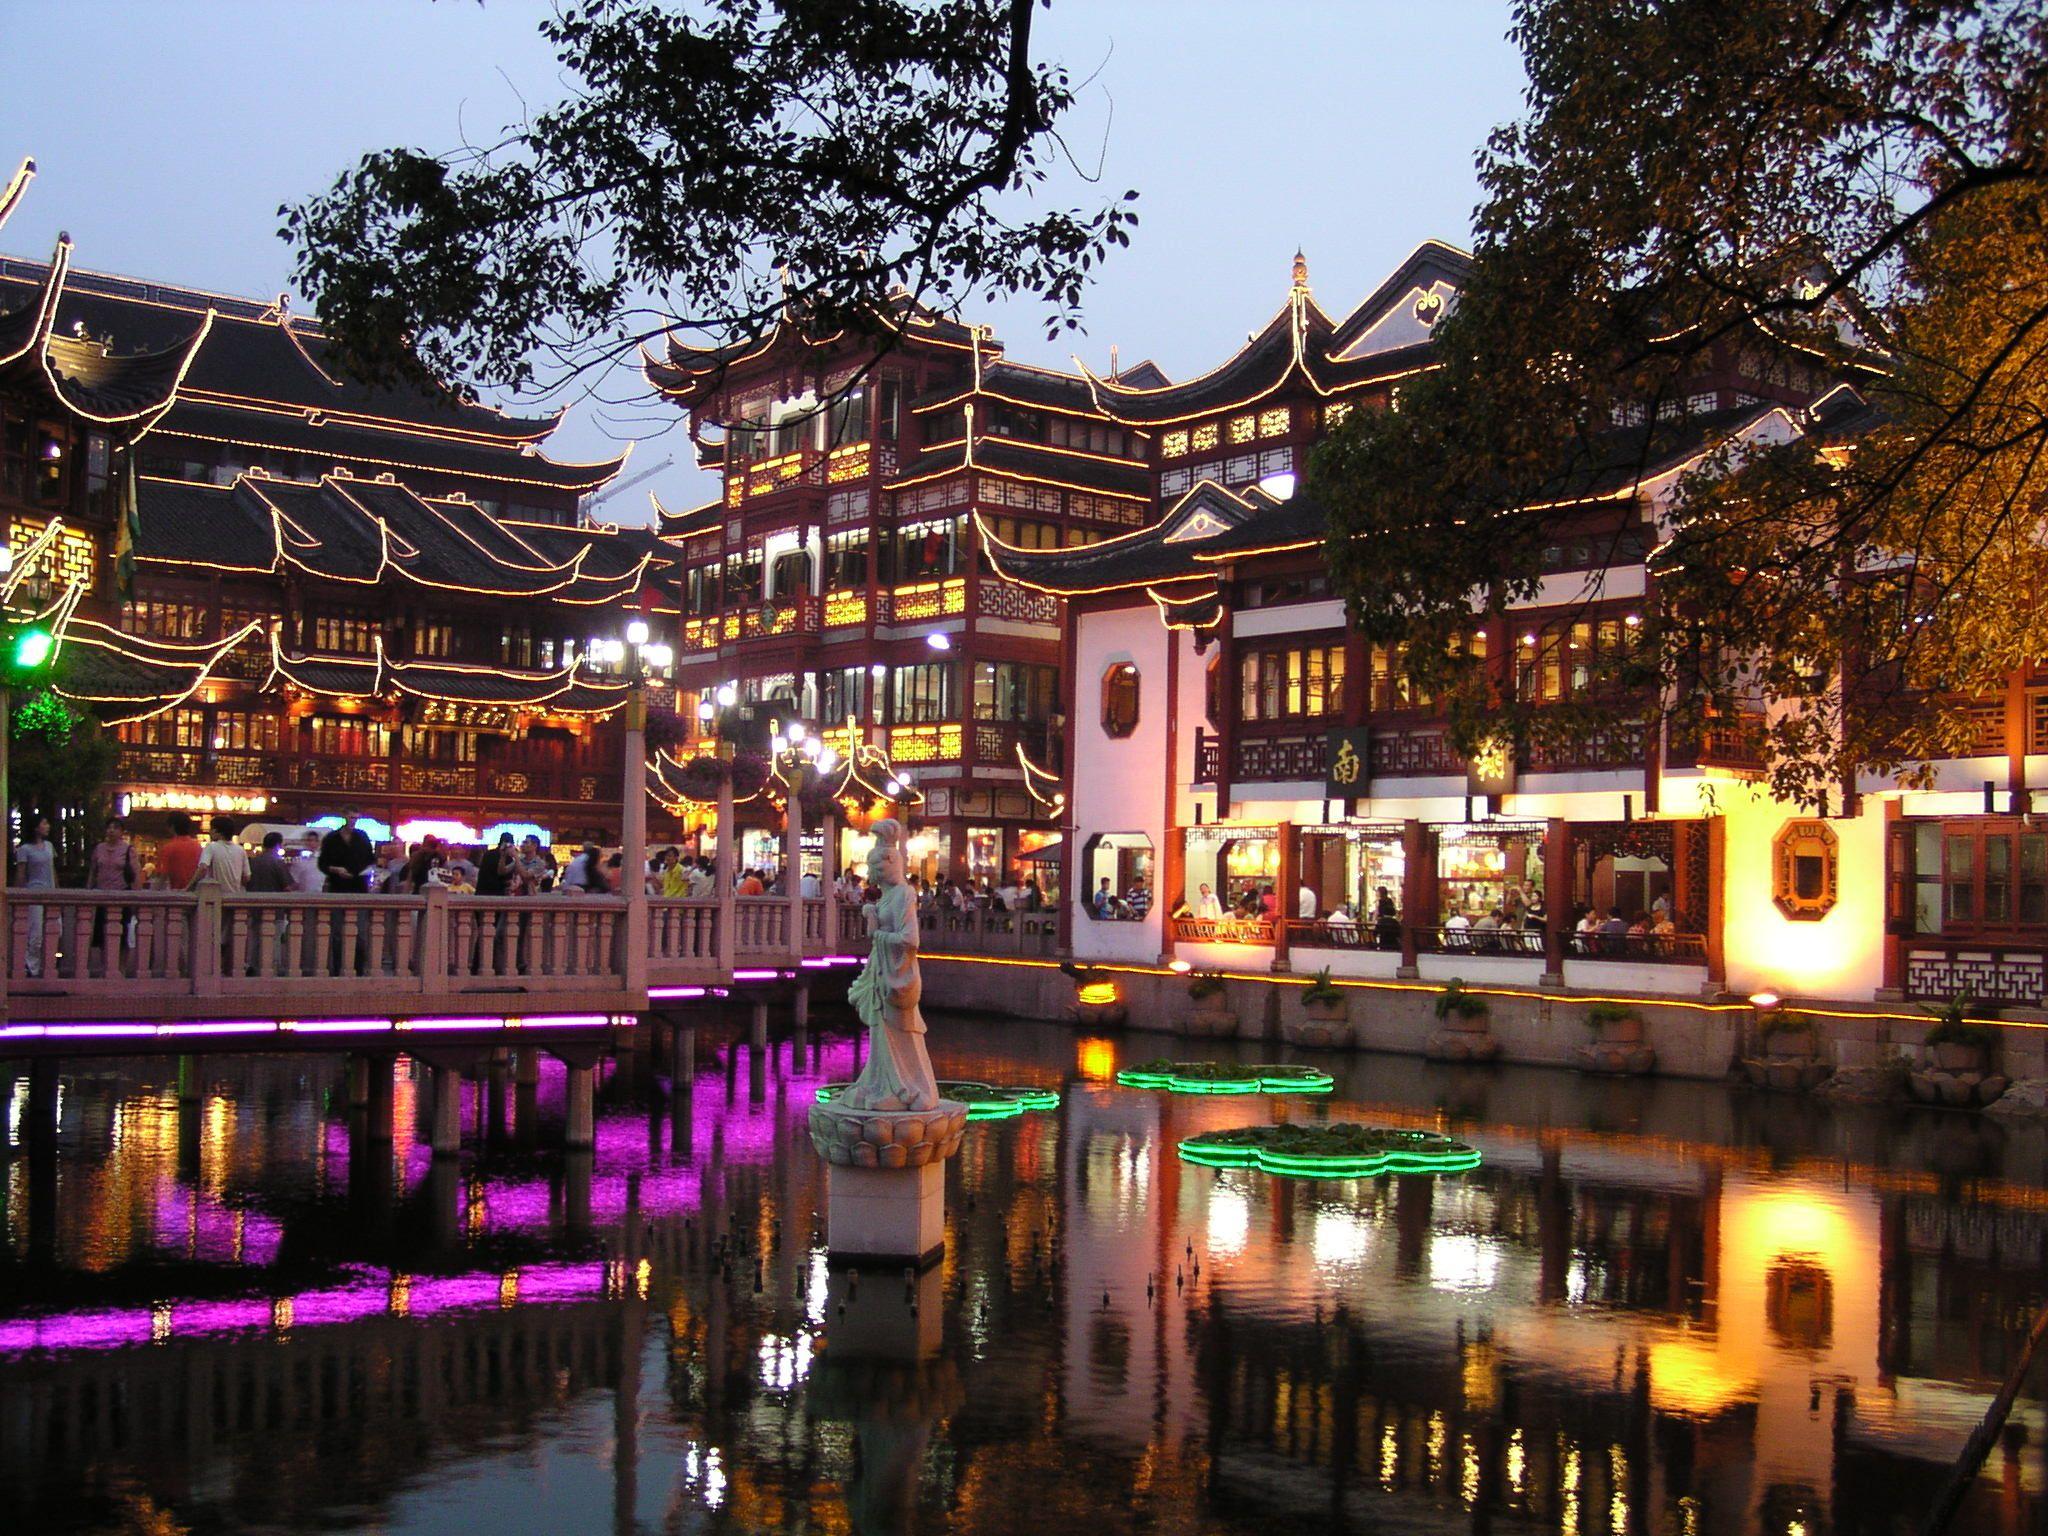 Yu Yuan (ou Yu Gardens tb chamam de Yuyuan Gardens, mas